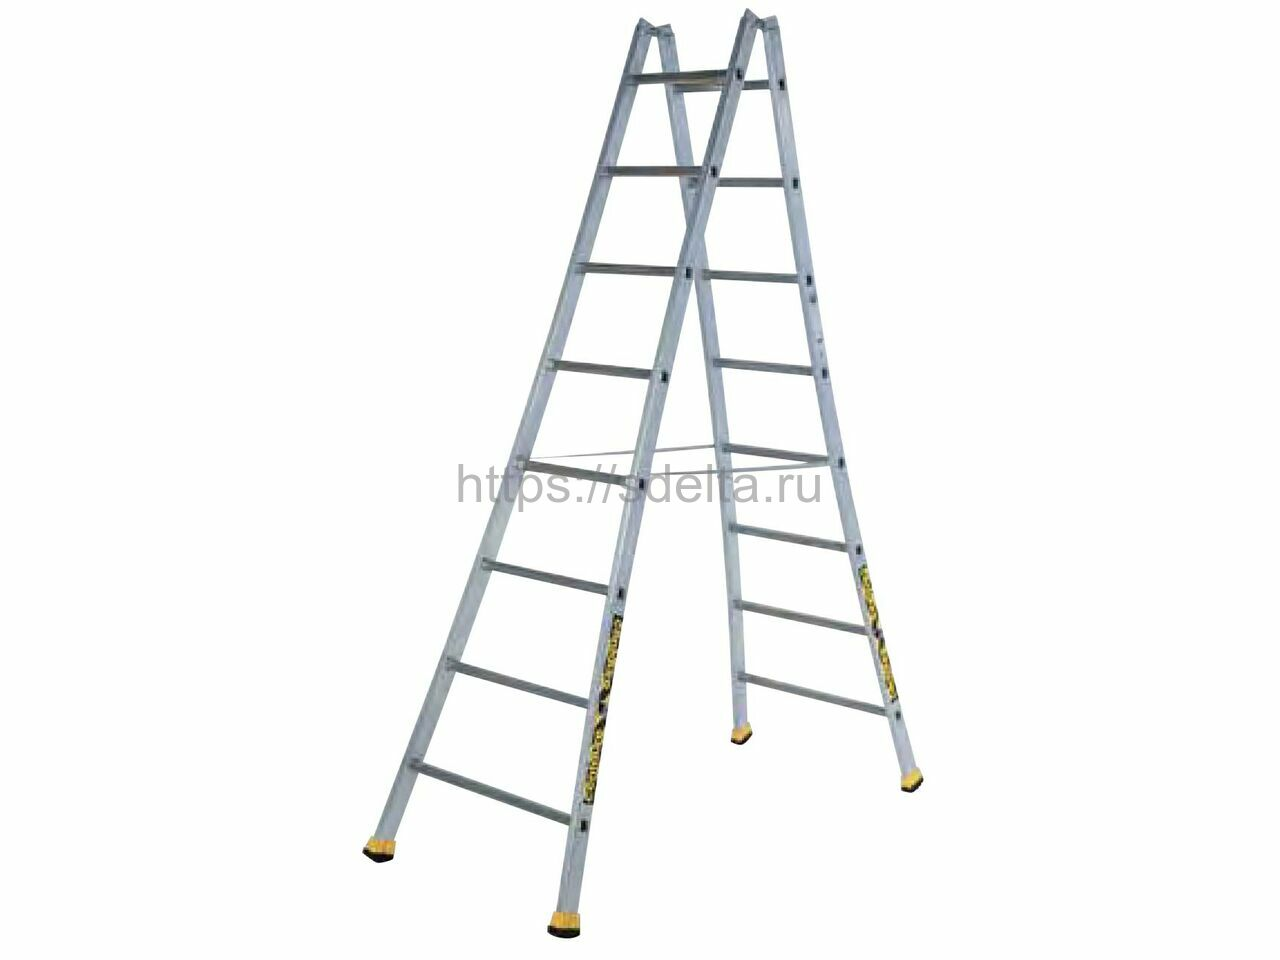 Двойная алюминиевая лестница-стремянка Н 2х14 Centaure Франция